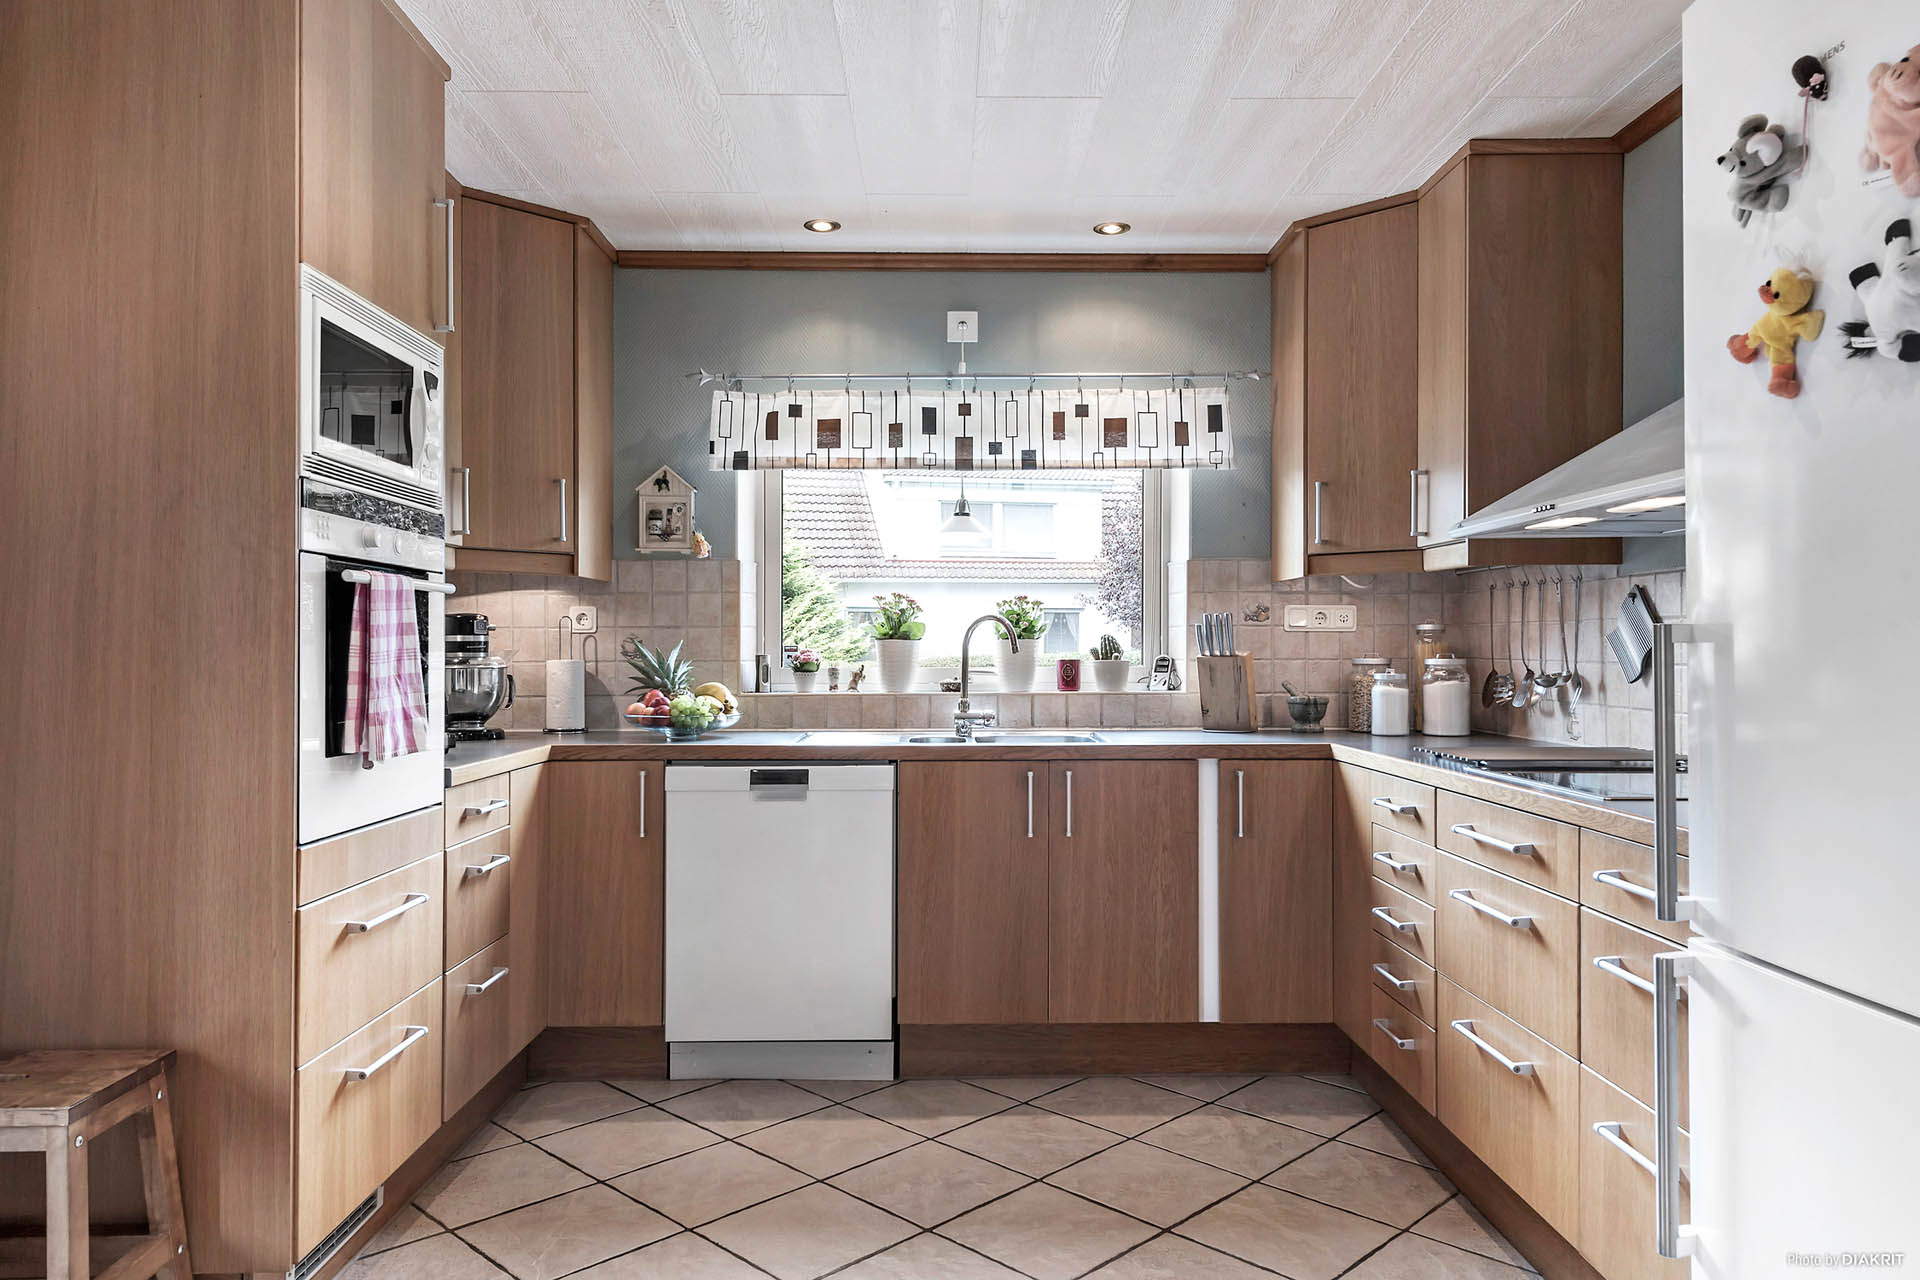 Köket är renoverat med IKEA-stommar och luckor. Arbetsvänligt med bra arbetsytor och trevligt med fönster vid vasken.